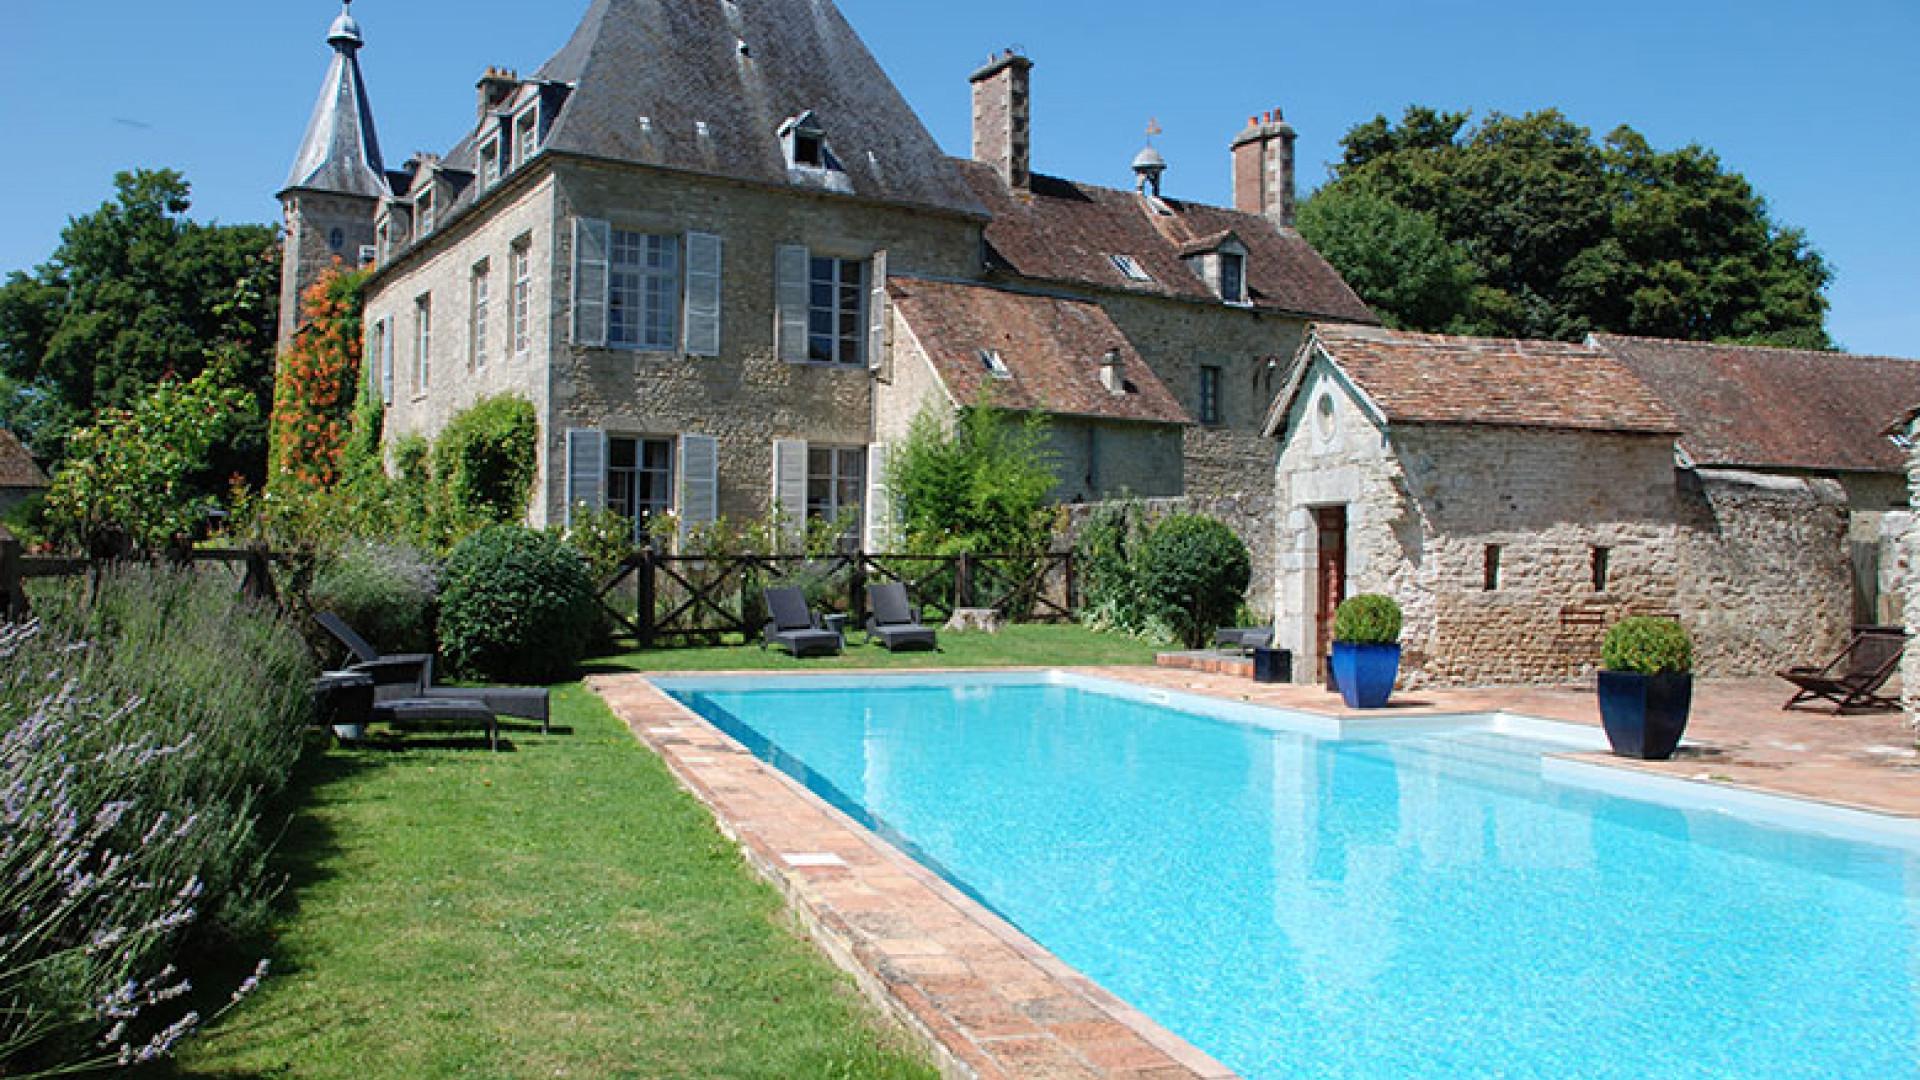 FR104_Chateau_de_Saint_Paterne_97832_1MB_180912